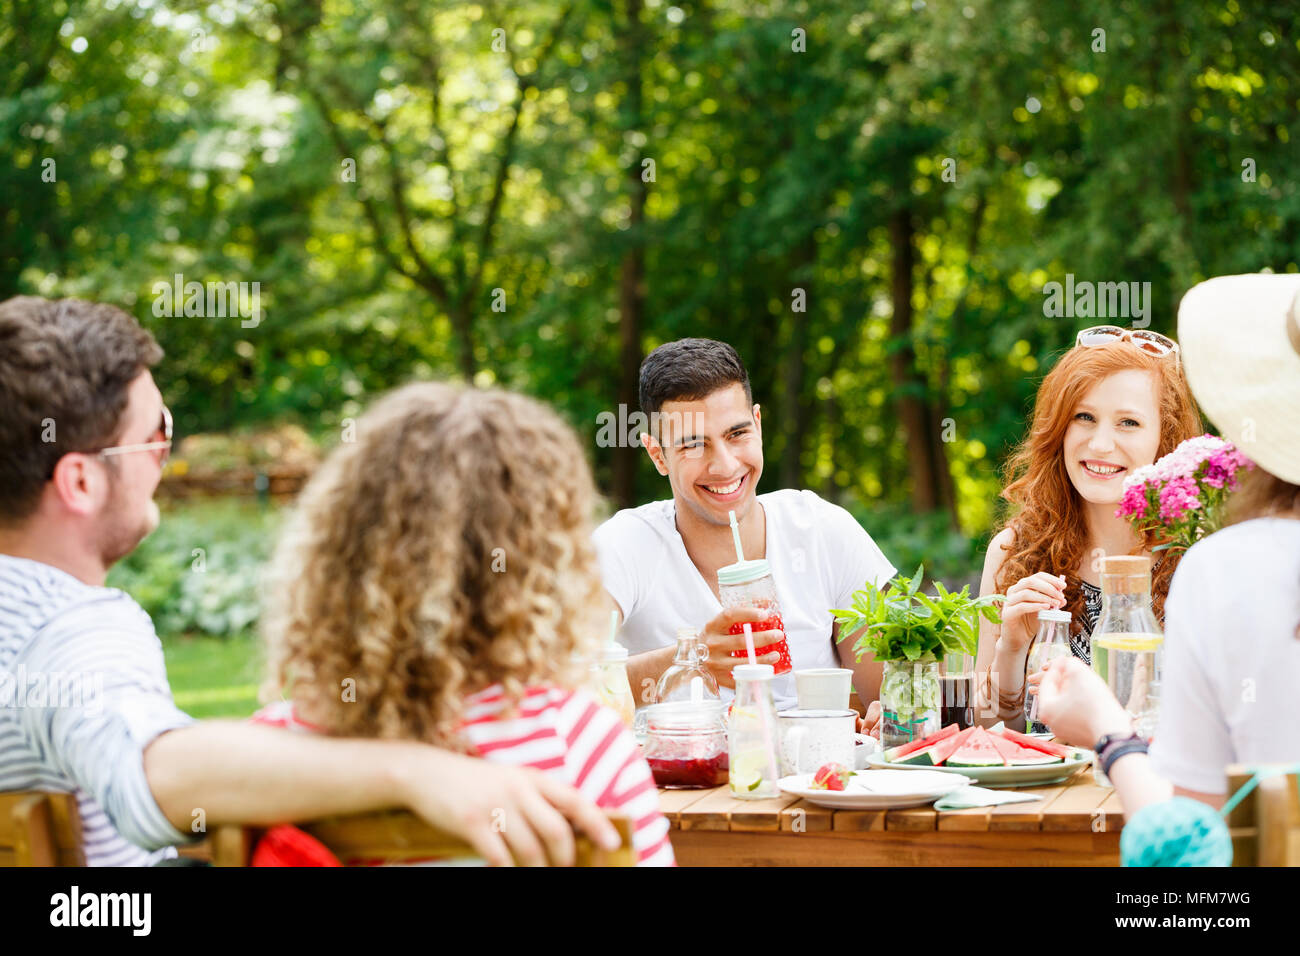 Les jeunes gens rire, manger et parler dans une journée ensoleillée dans le jardin Photo Stock